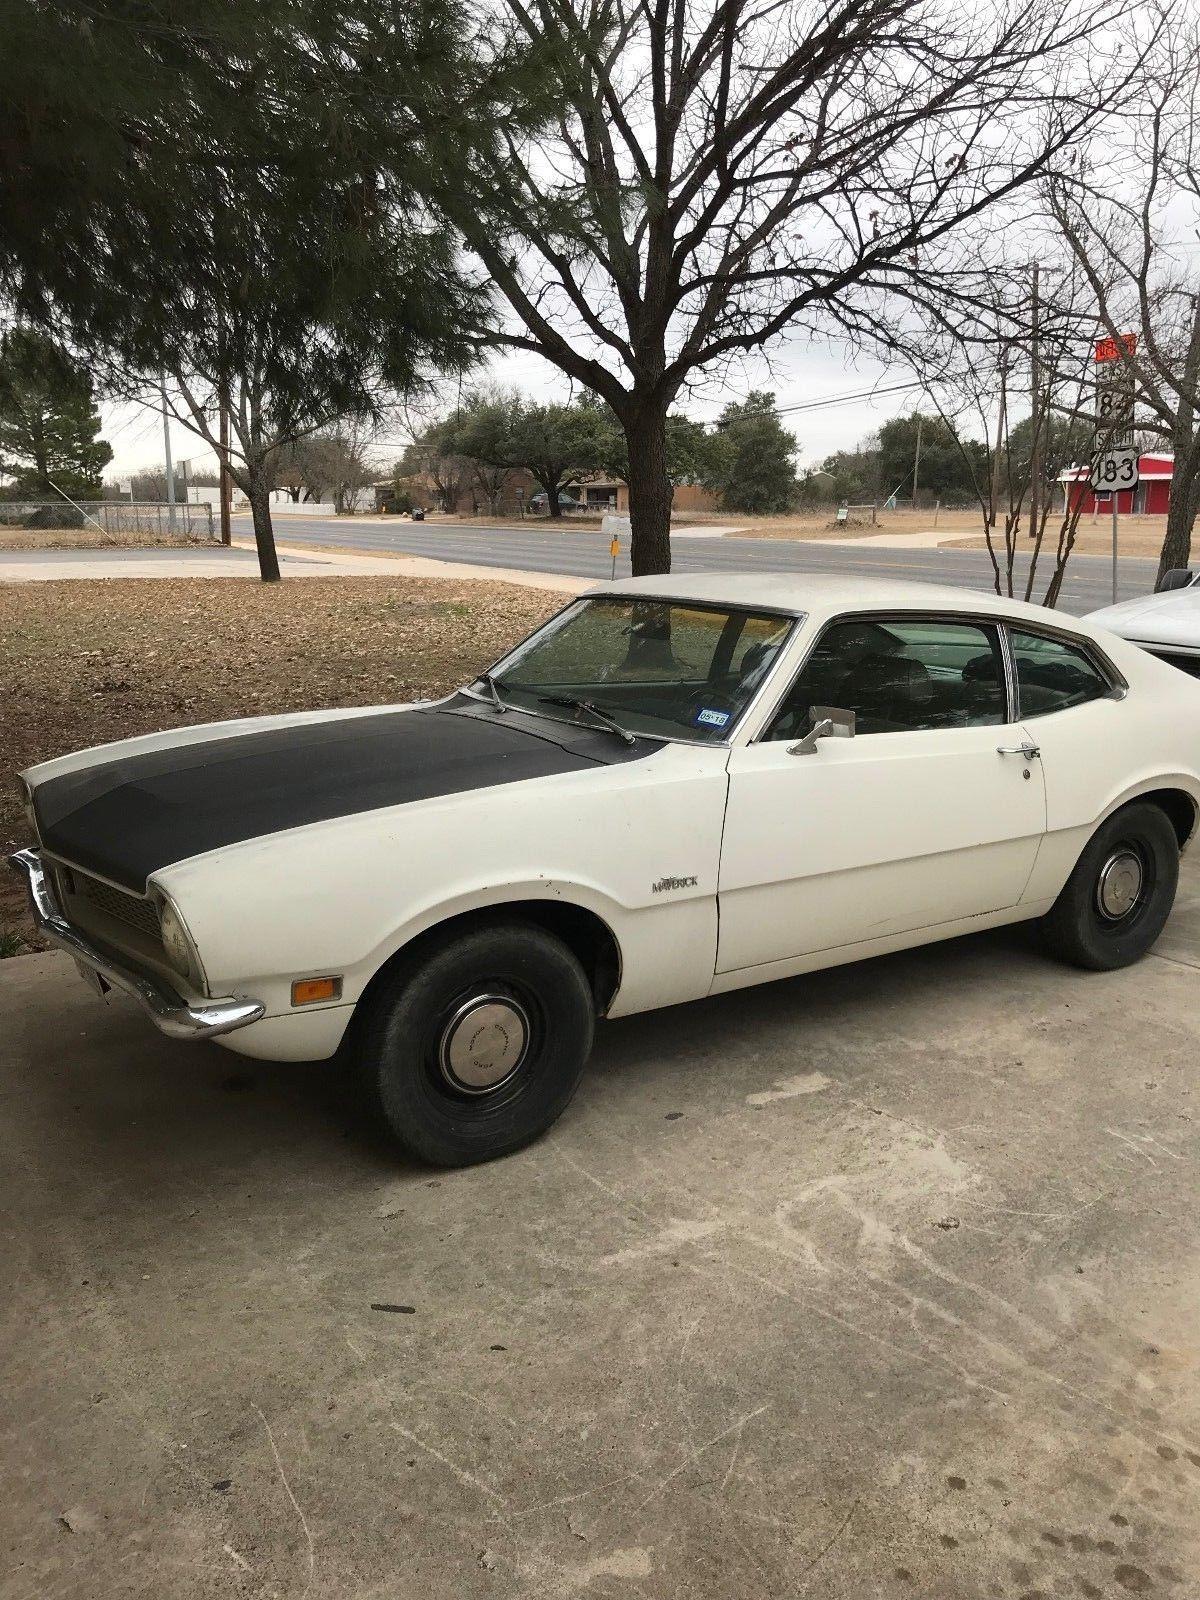 Awesome Amazing 1970 Ford Maverick 70 2dr Original California Car 2018 Check More